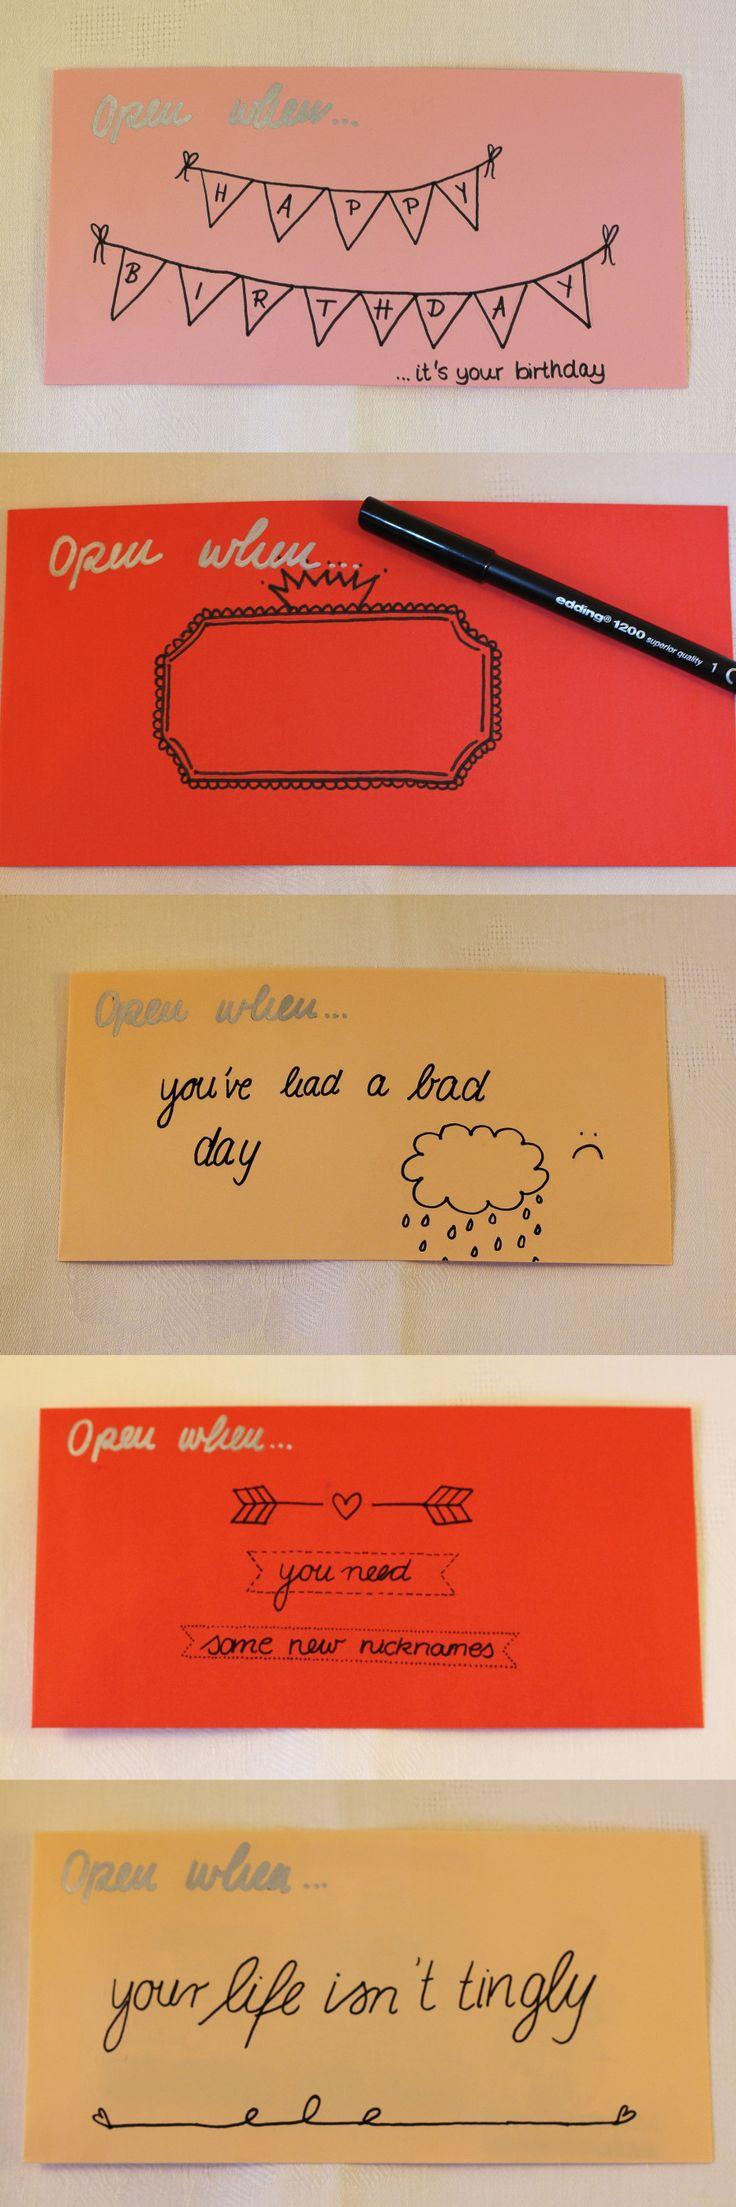 Briefe Für Emily : Die besten öffnen wenn briefe ideen auf pinterest